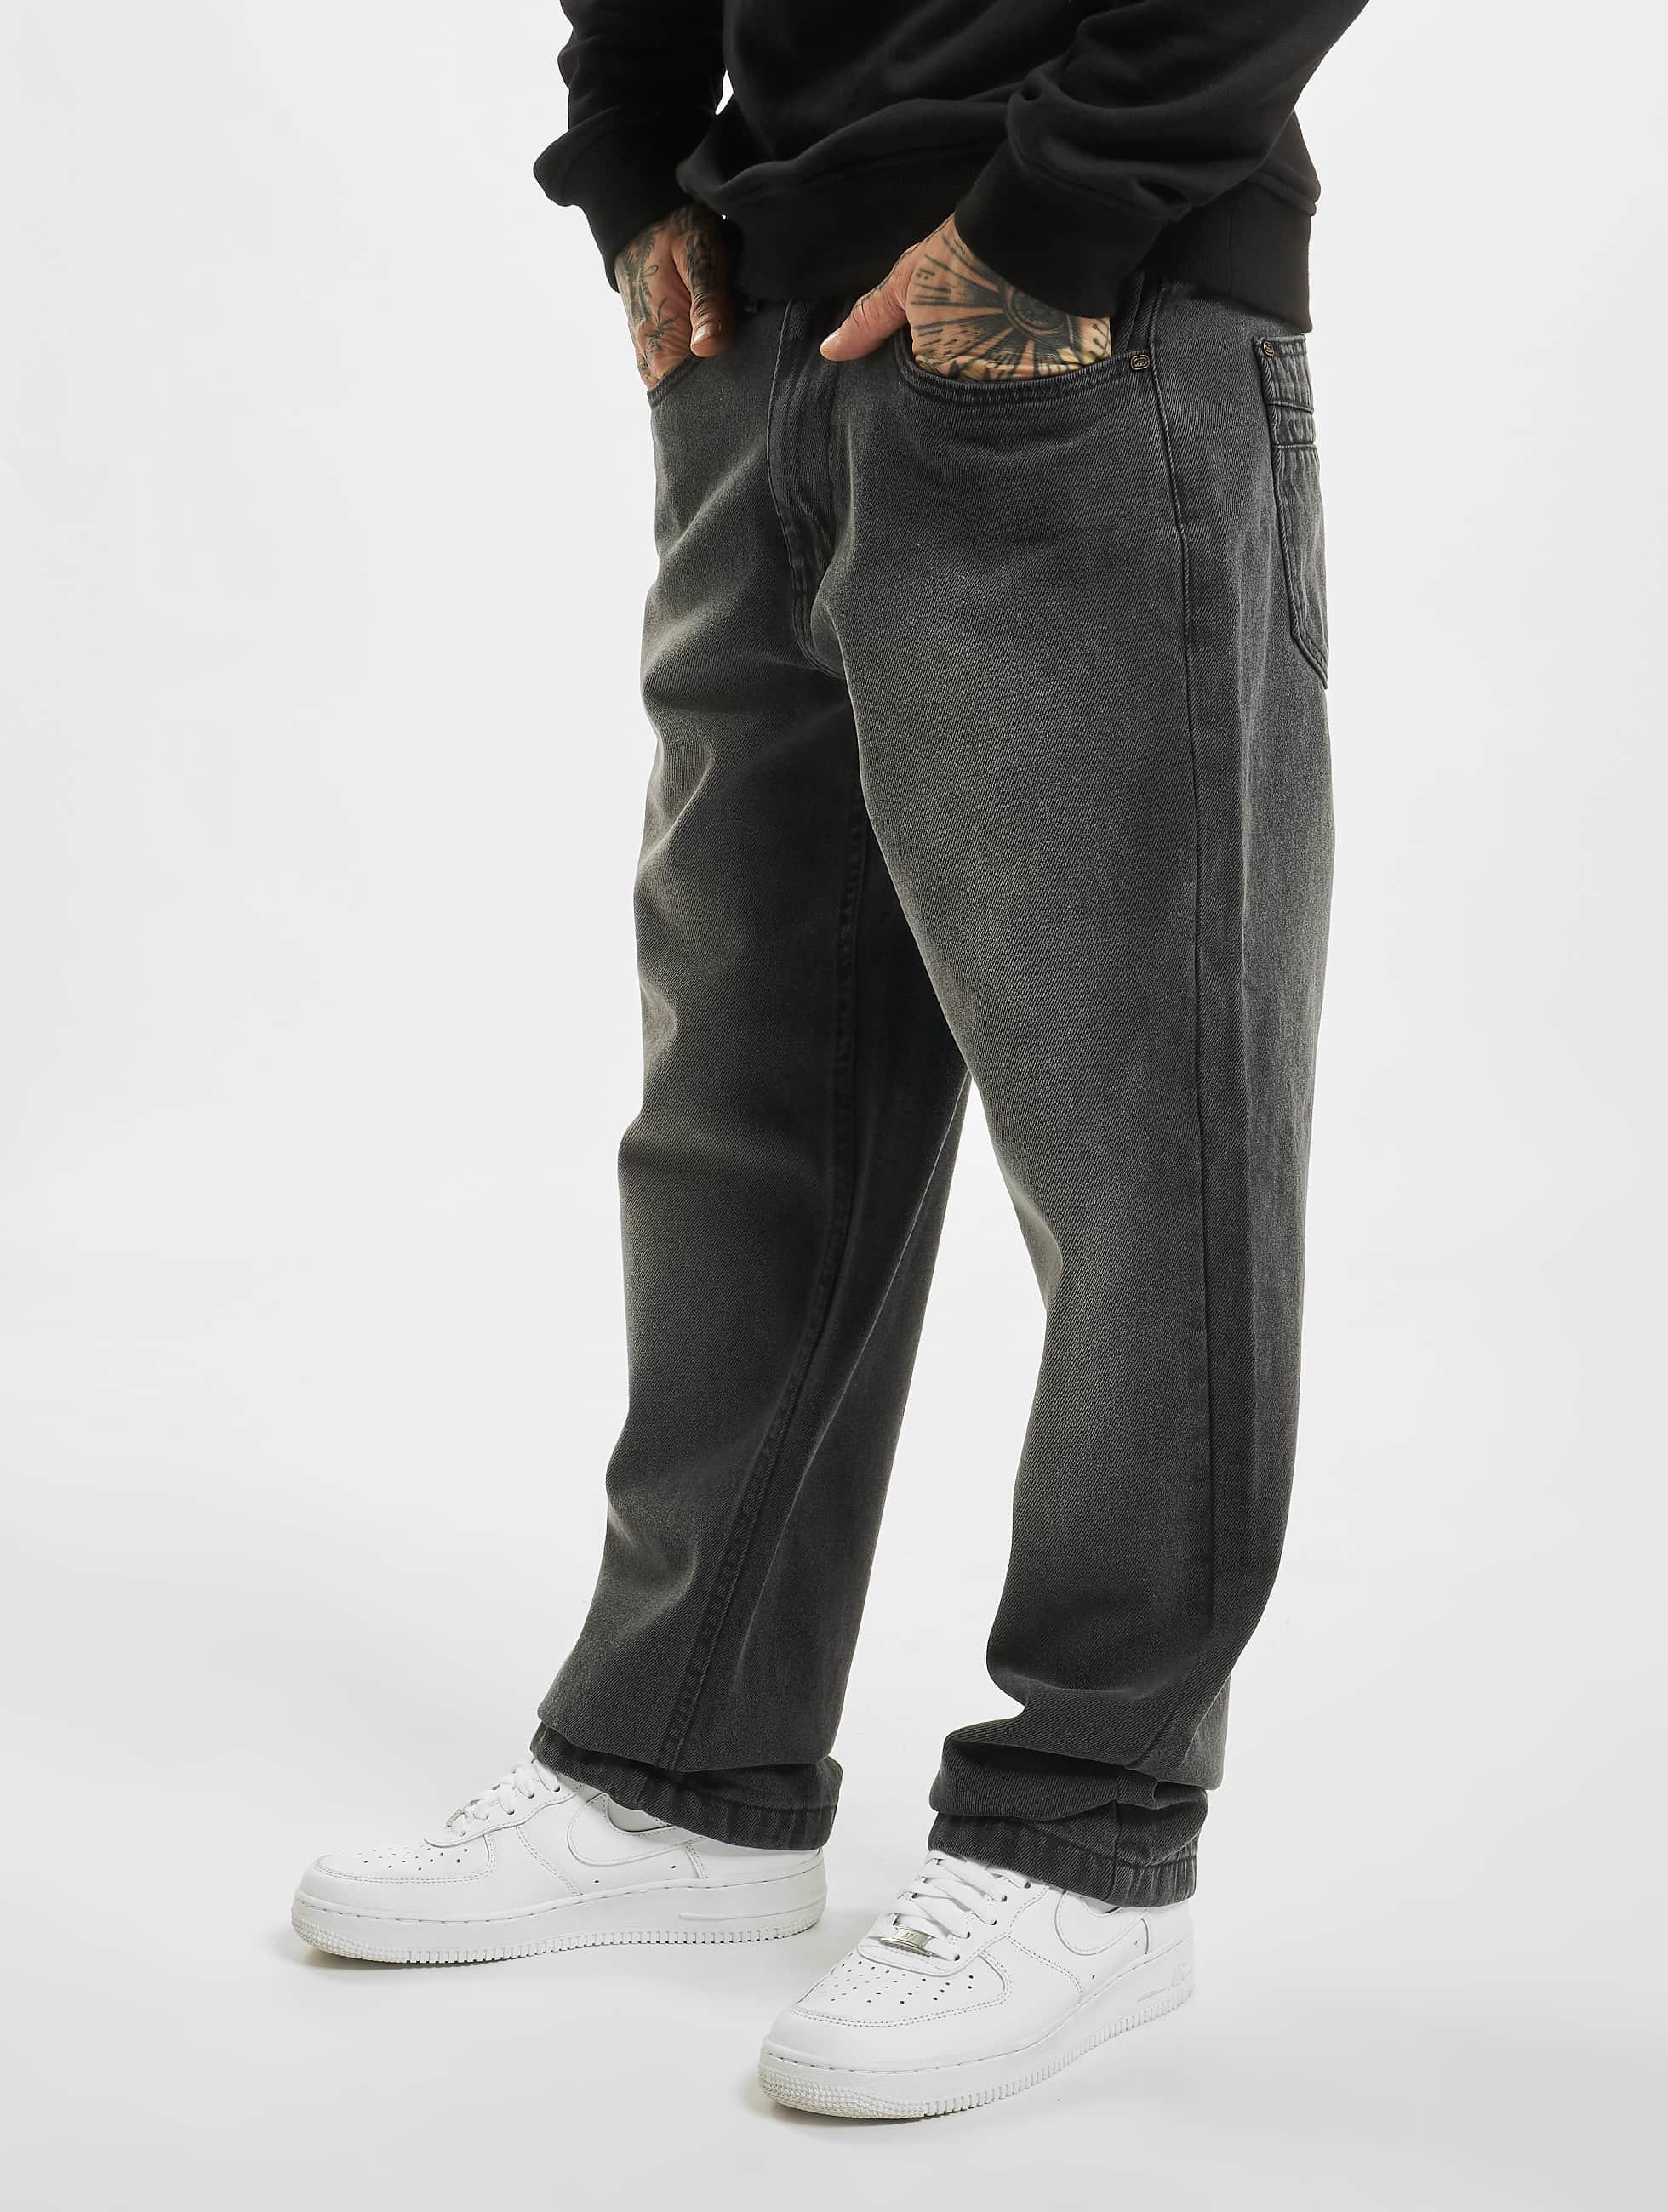 Ecko Unltd. / Loose Fit Jeans Wide Leg Fit in black W 52 L 34